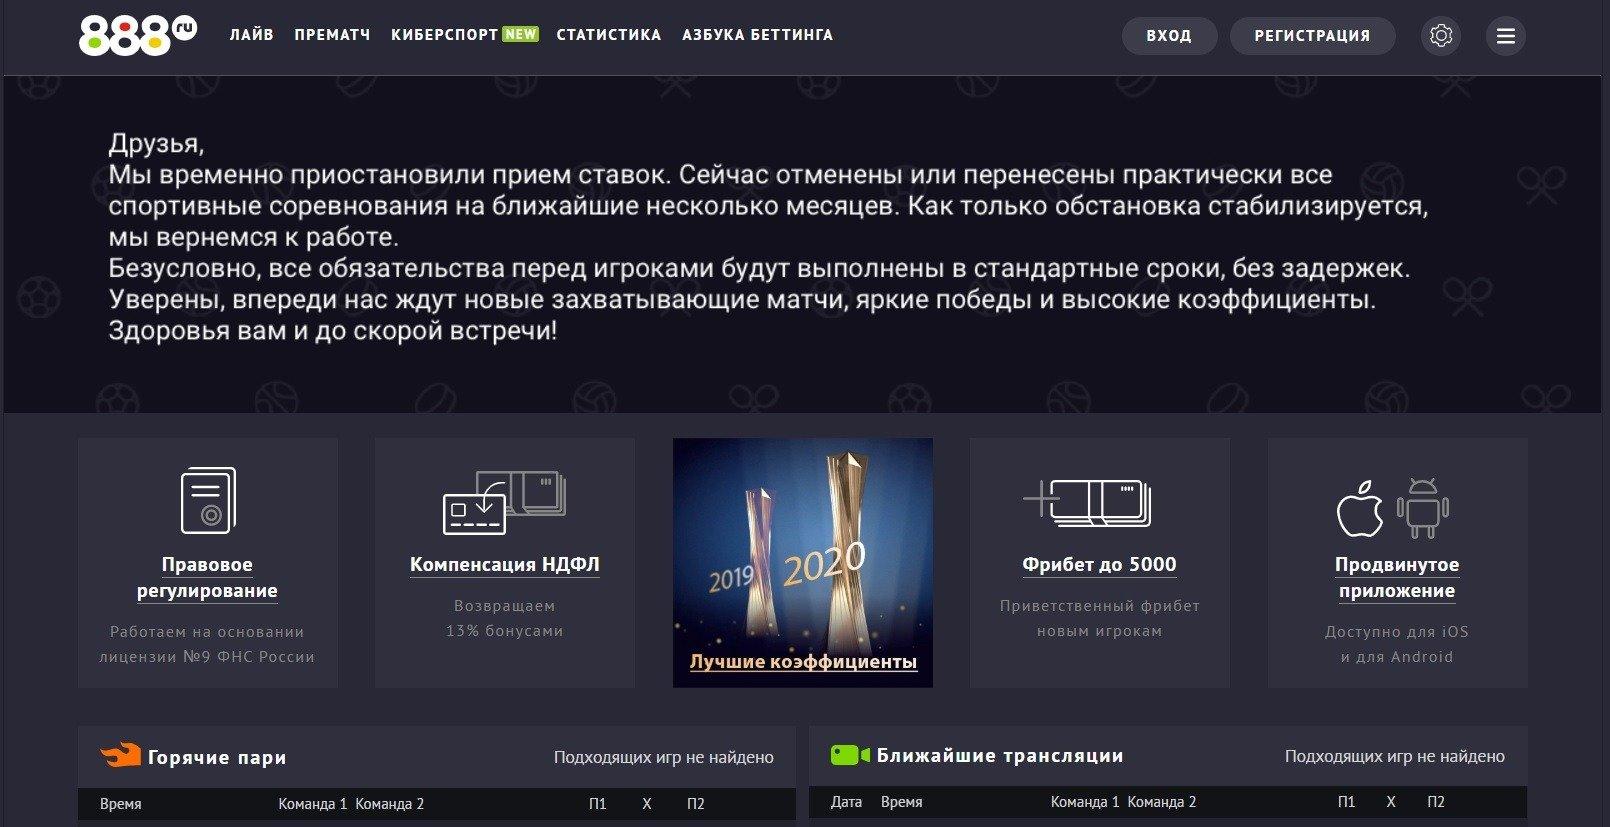 888 ru stavki ne prinimayutsa iz za koronavirusa i otmeny matchey